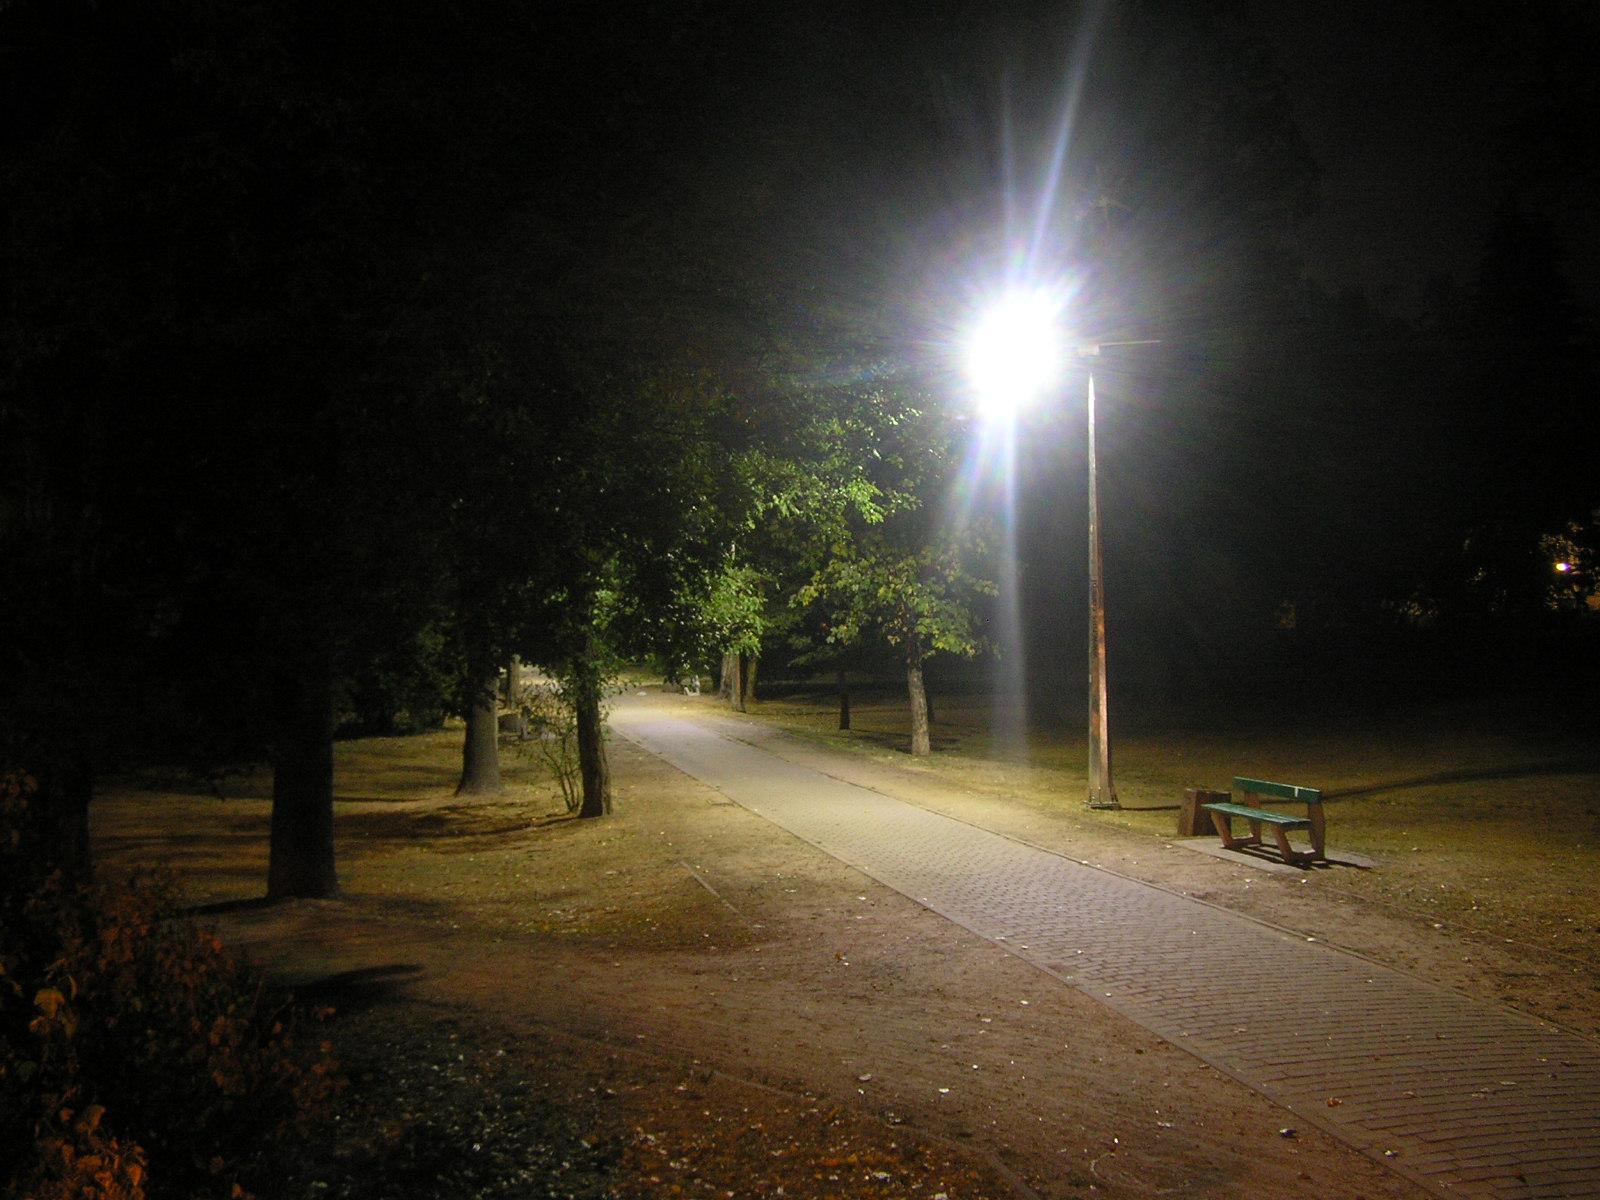 Powiew nowoczesności w parku Leśnika. Hybrydowe latarnie roświetlają mroki ciemności